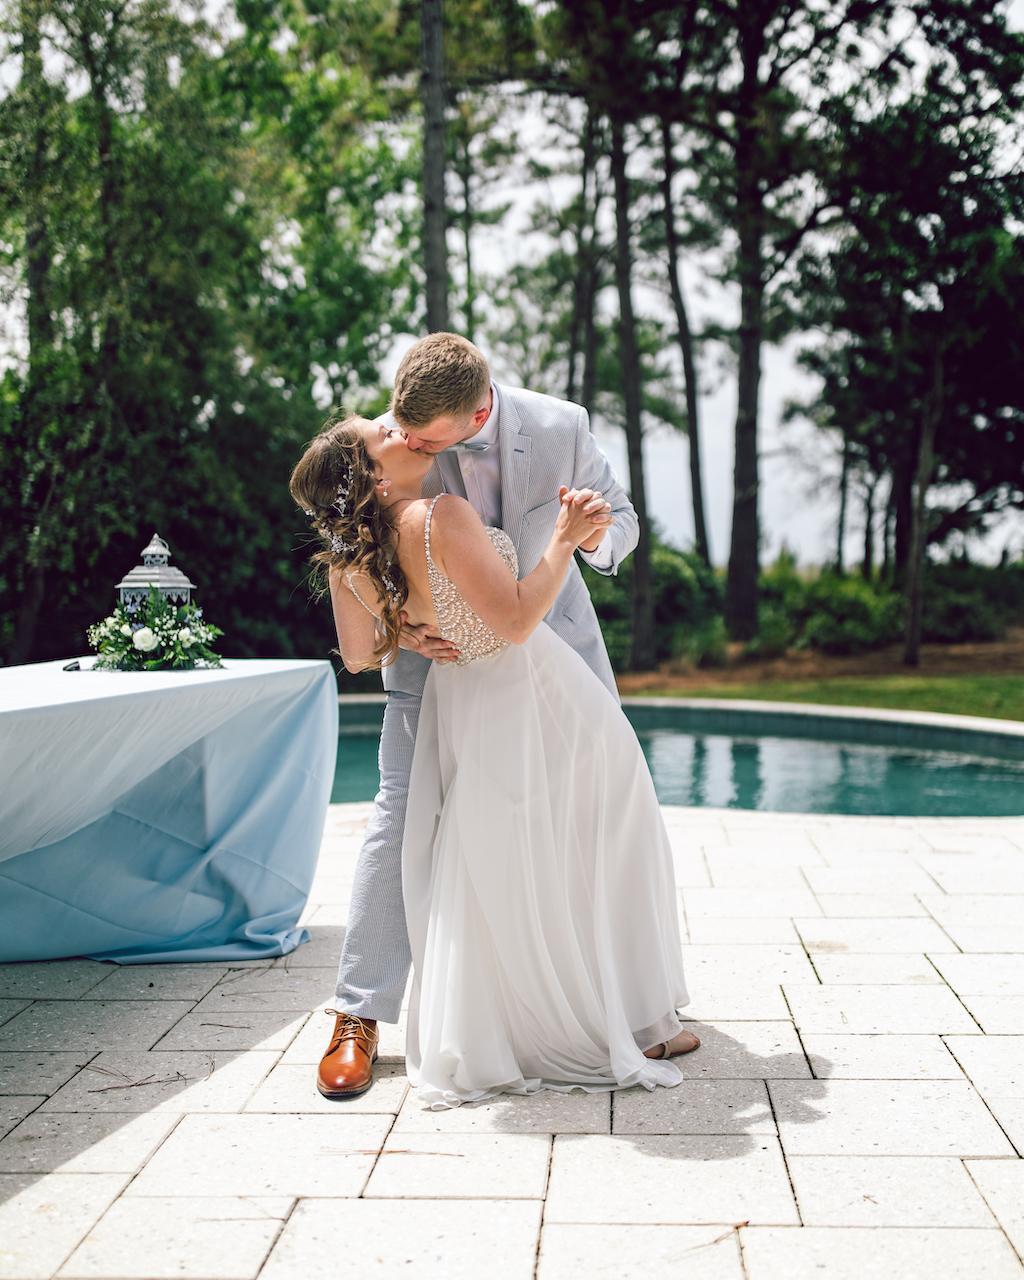 hilton-head-island-wedding-sc-reception250.jpg